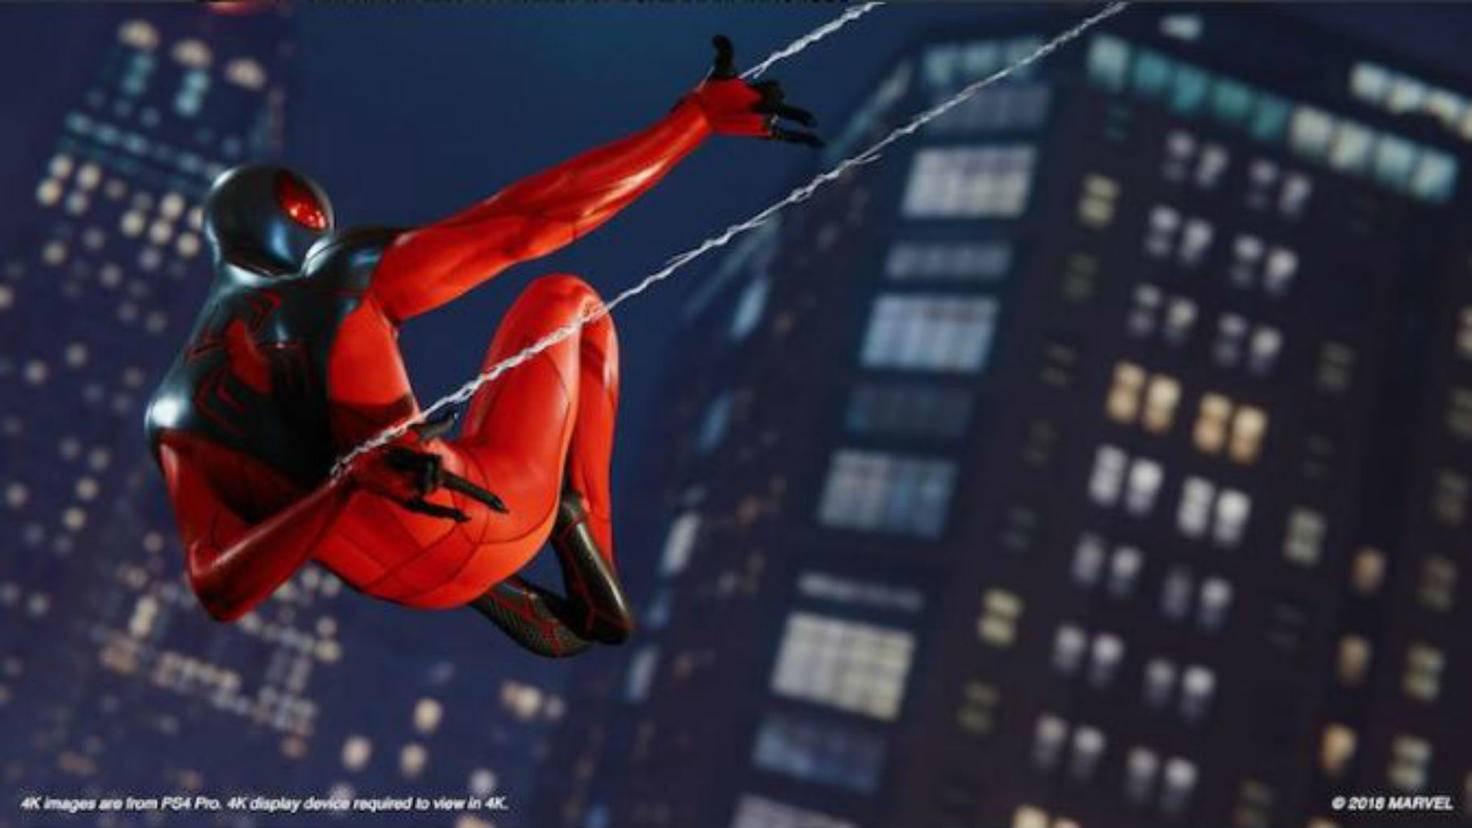 spider-man-ps4-scarlett-spider-2-screenshot